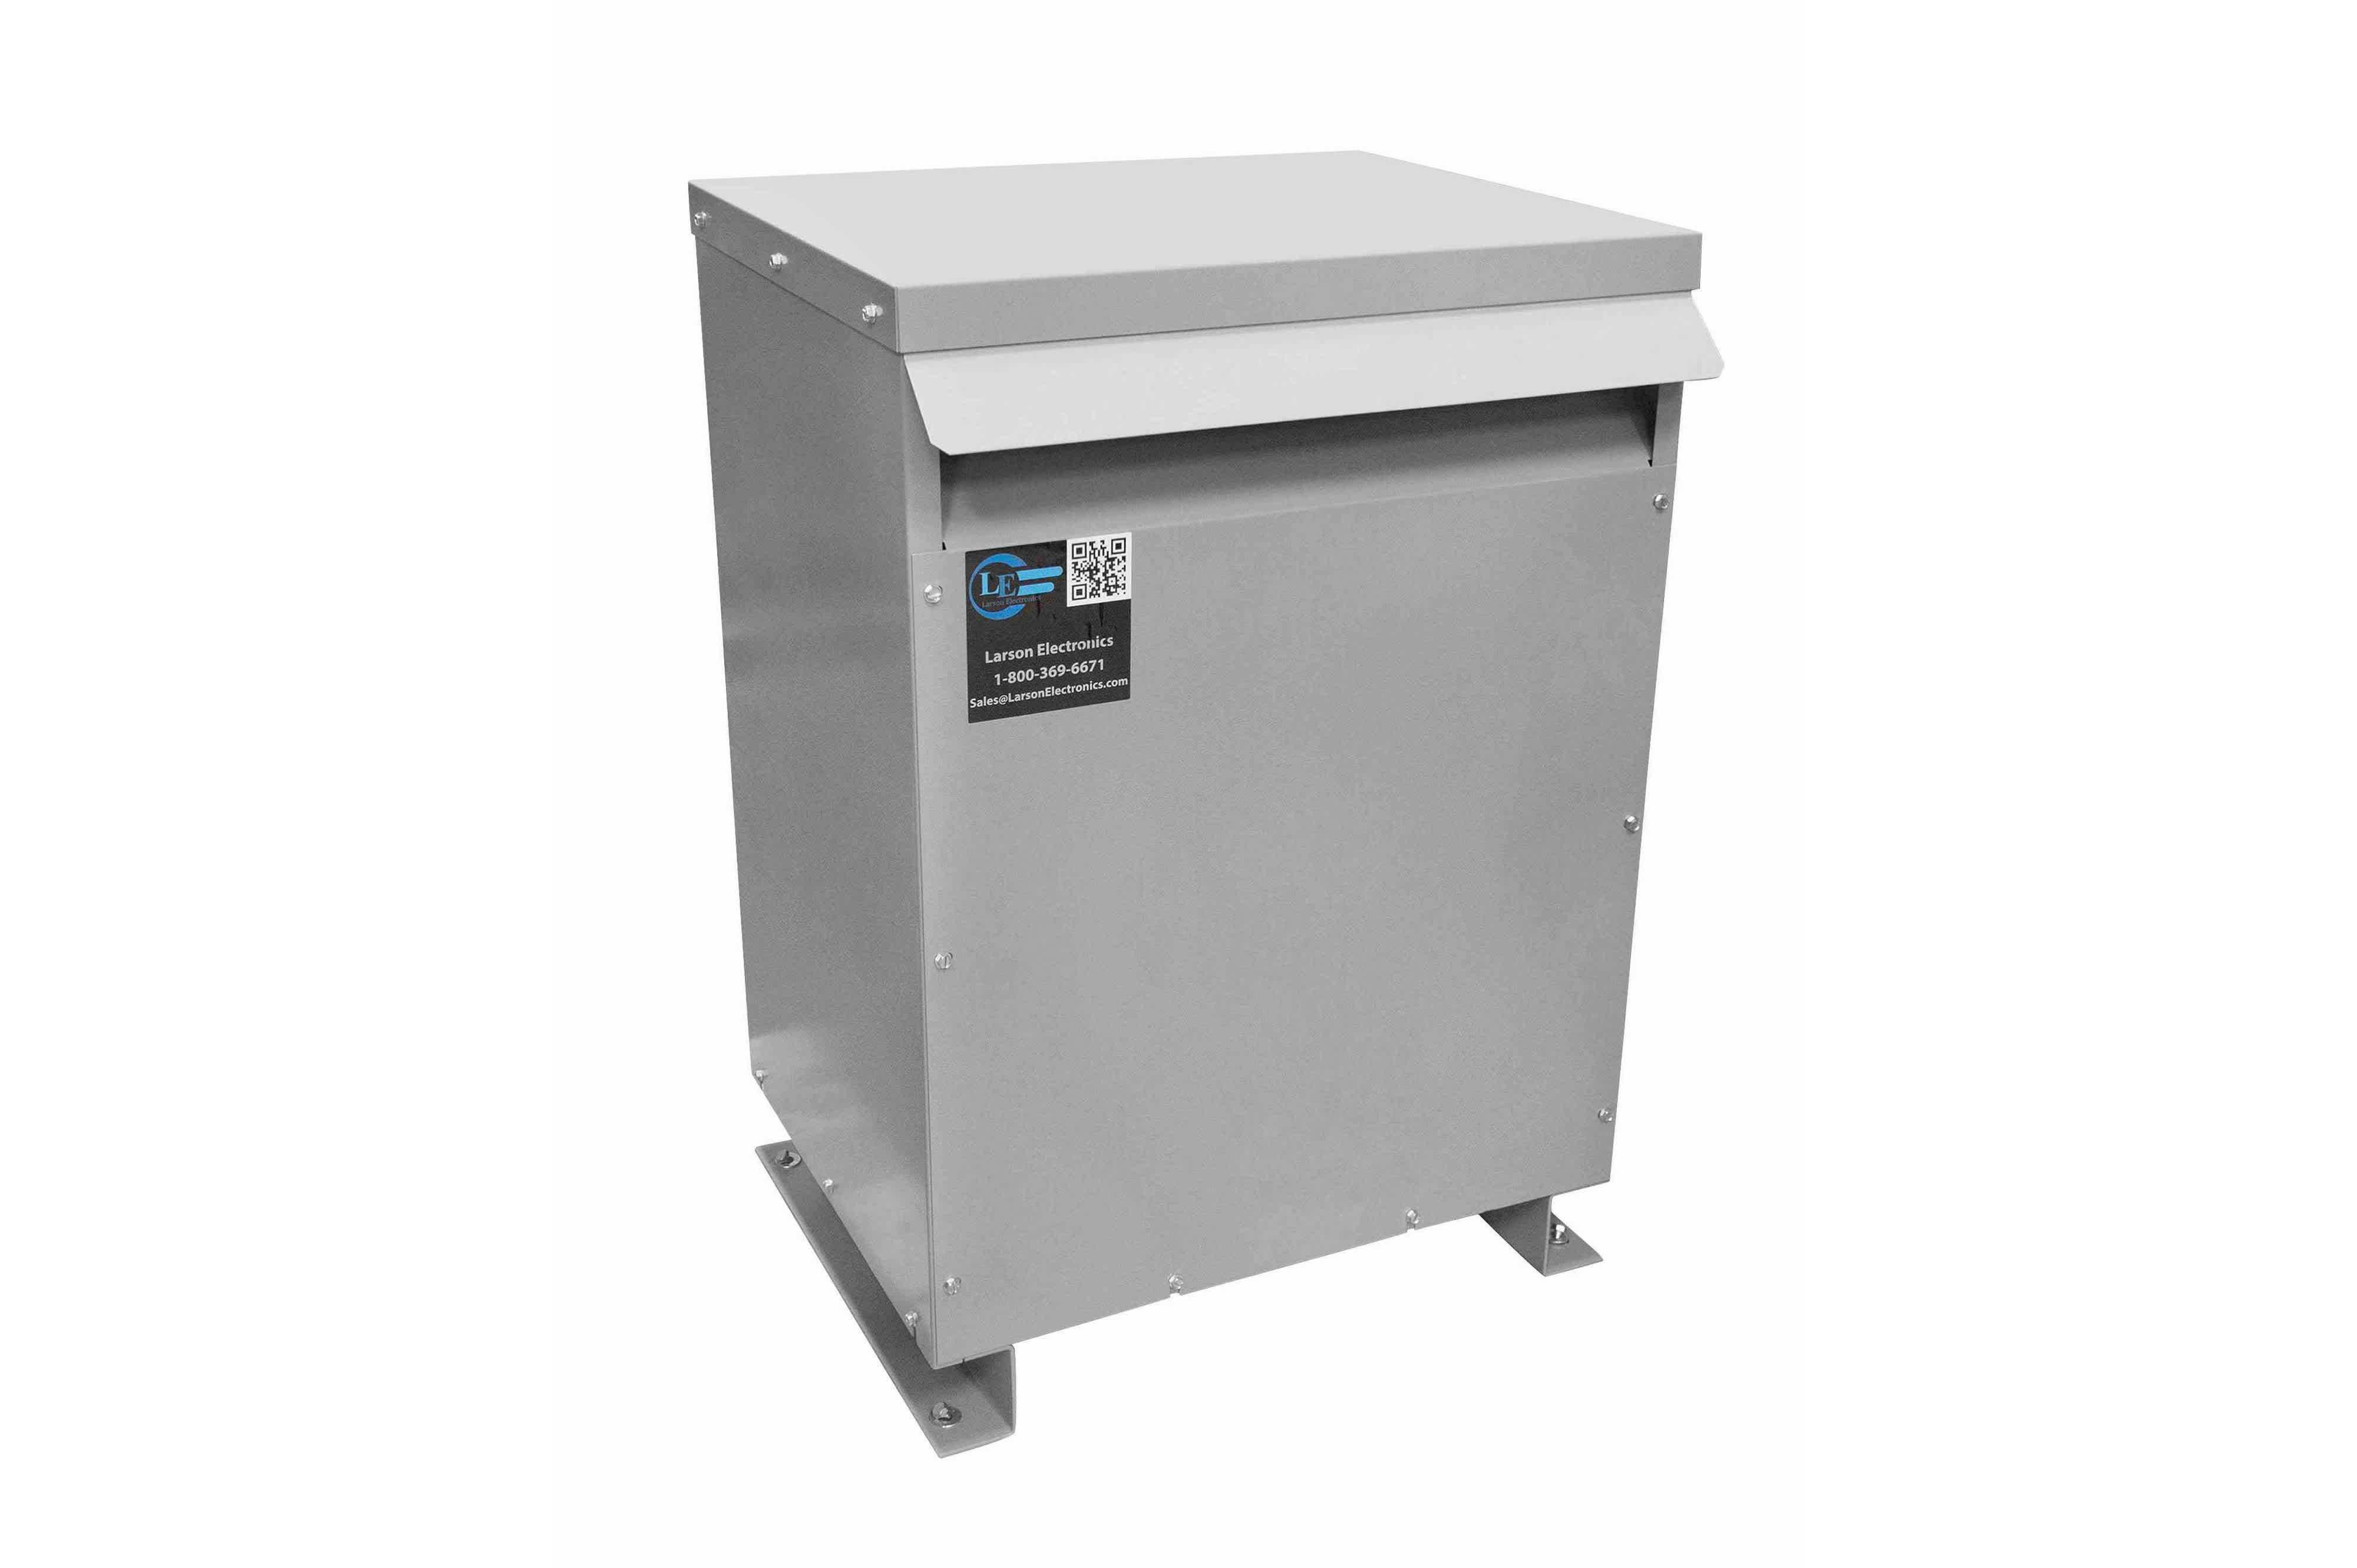 700 kVA 3PH Isolation Transformer, 240V Delta Primary, 400V Delta Secondary, N3R, Ventilated, 60 Hz